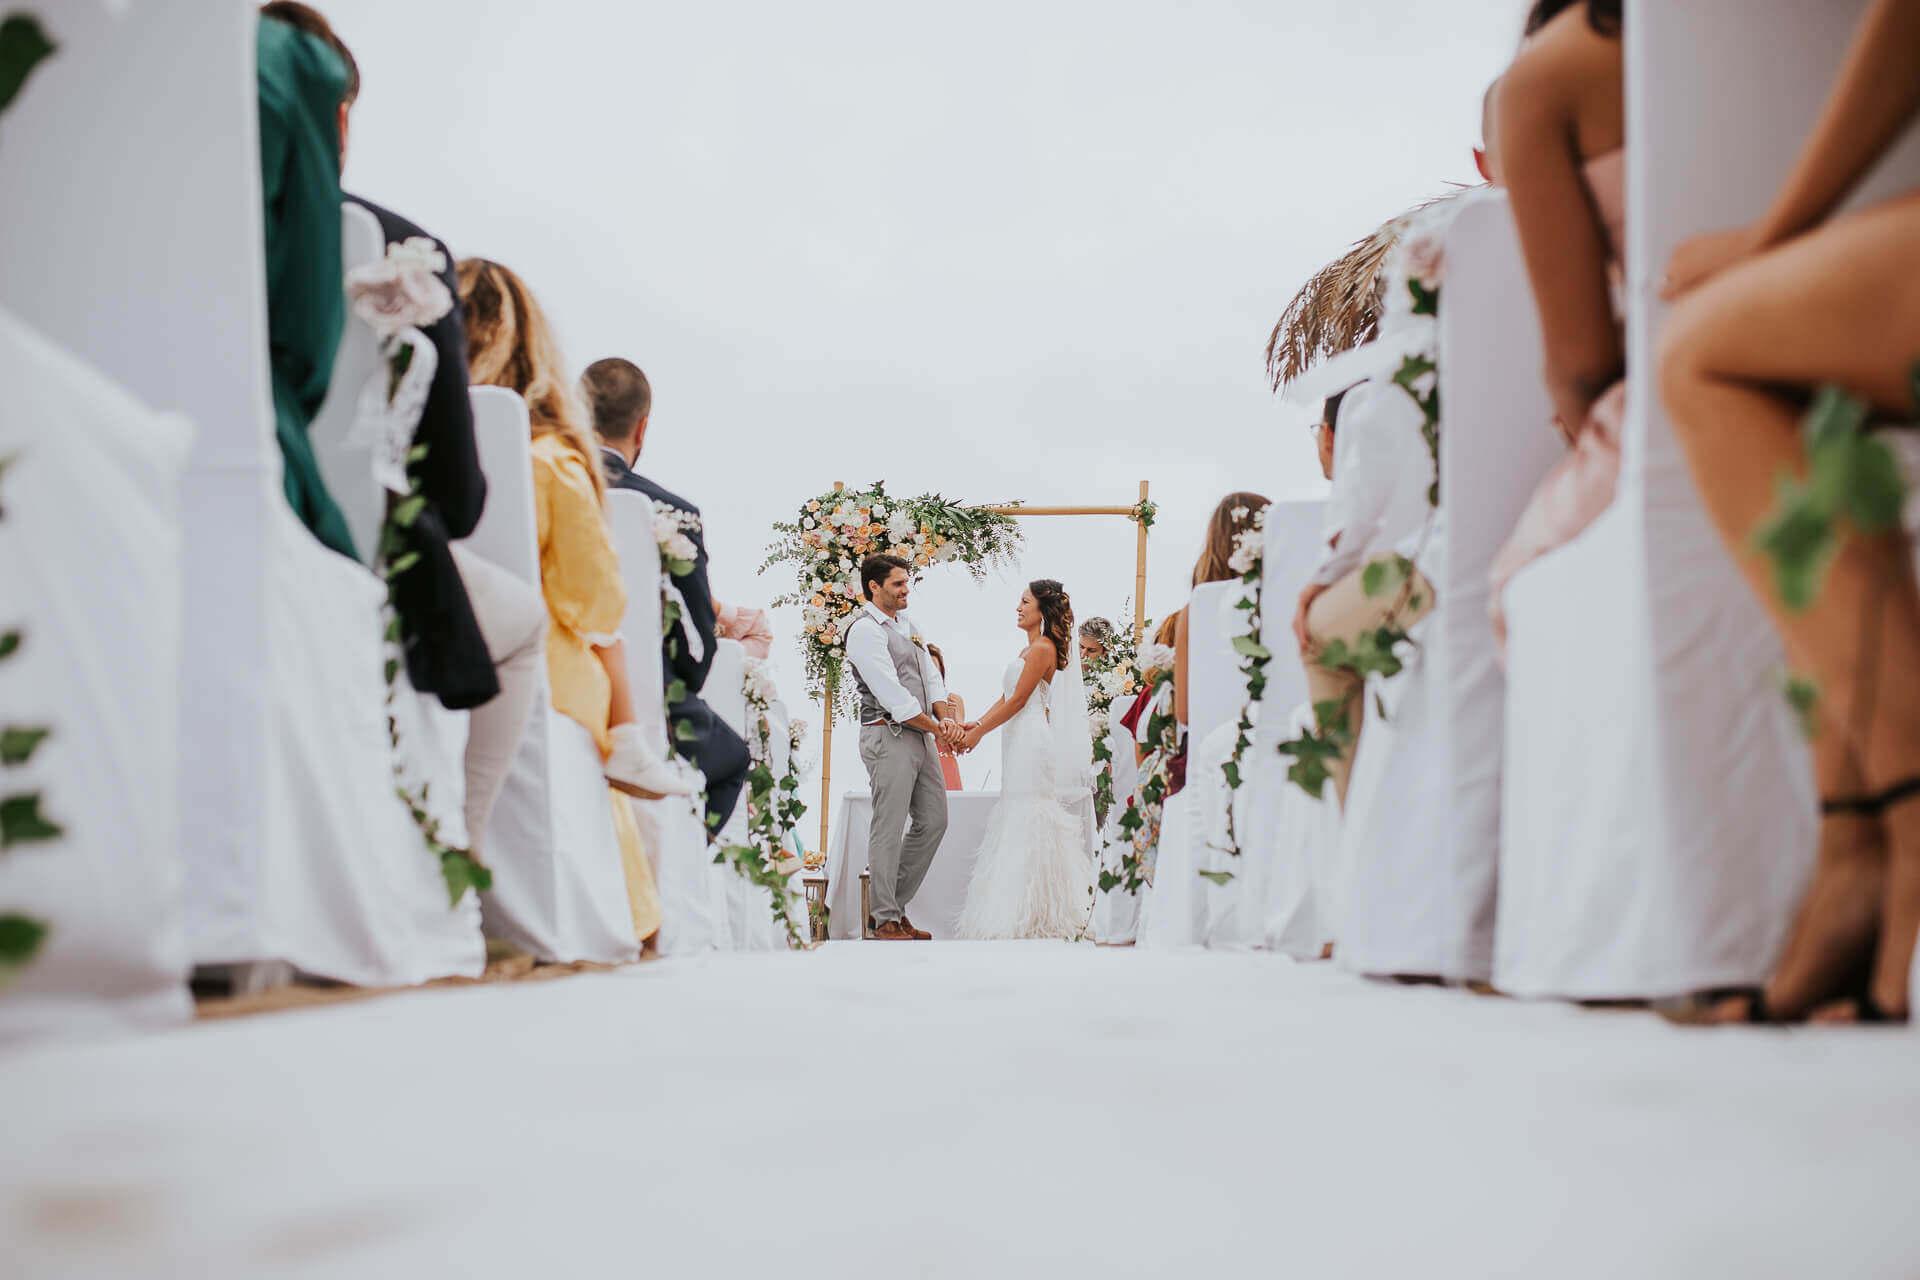 Sitios para casarse en Ibiza: los lugares más bonitos para tu boda